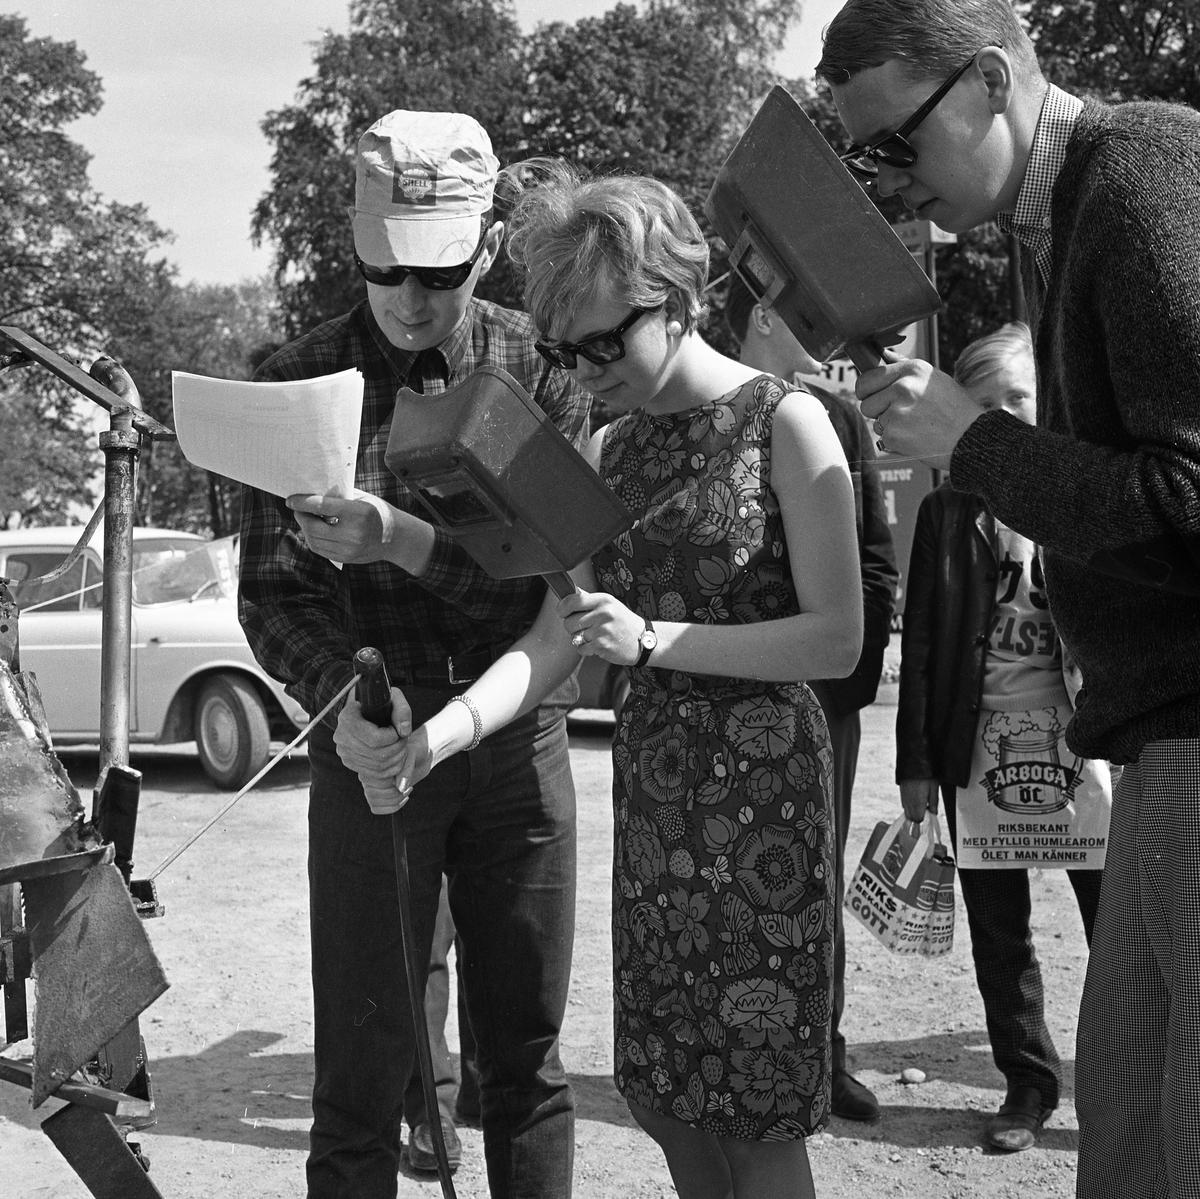 """Arboga Tekniska skola. De äldre eleverna hittar på besvärliga uppgifter åt nykomlingarna. """"Skändning"""" kallas det. Här håller en ny kvinnlig elev på med svetsning medan de andra ser på. En man, iklädd keps från bensinmacken Shell, hjälper henne. En bil syns i bakgrunden."""